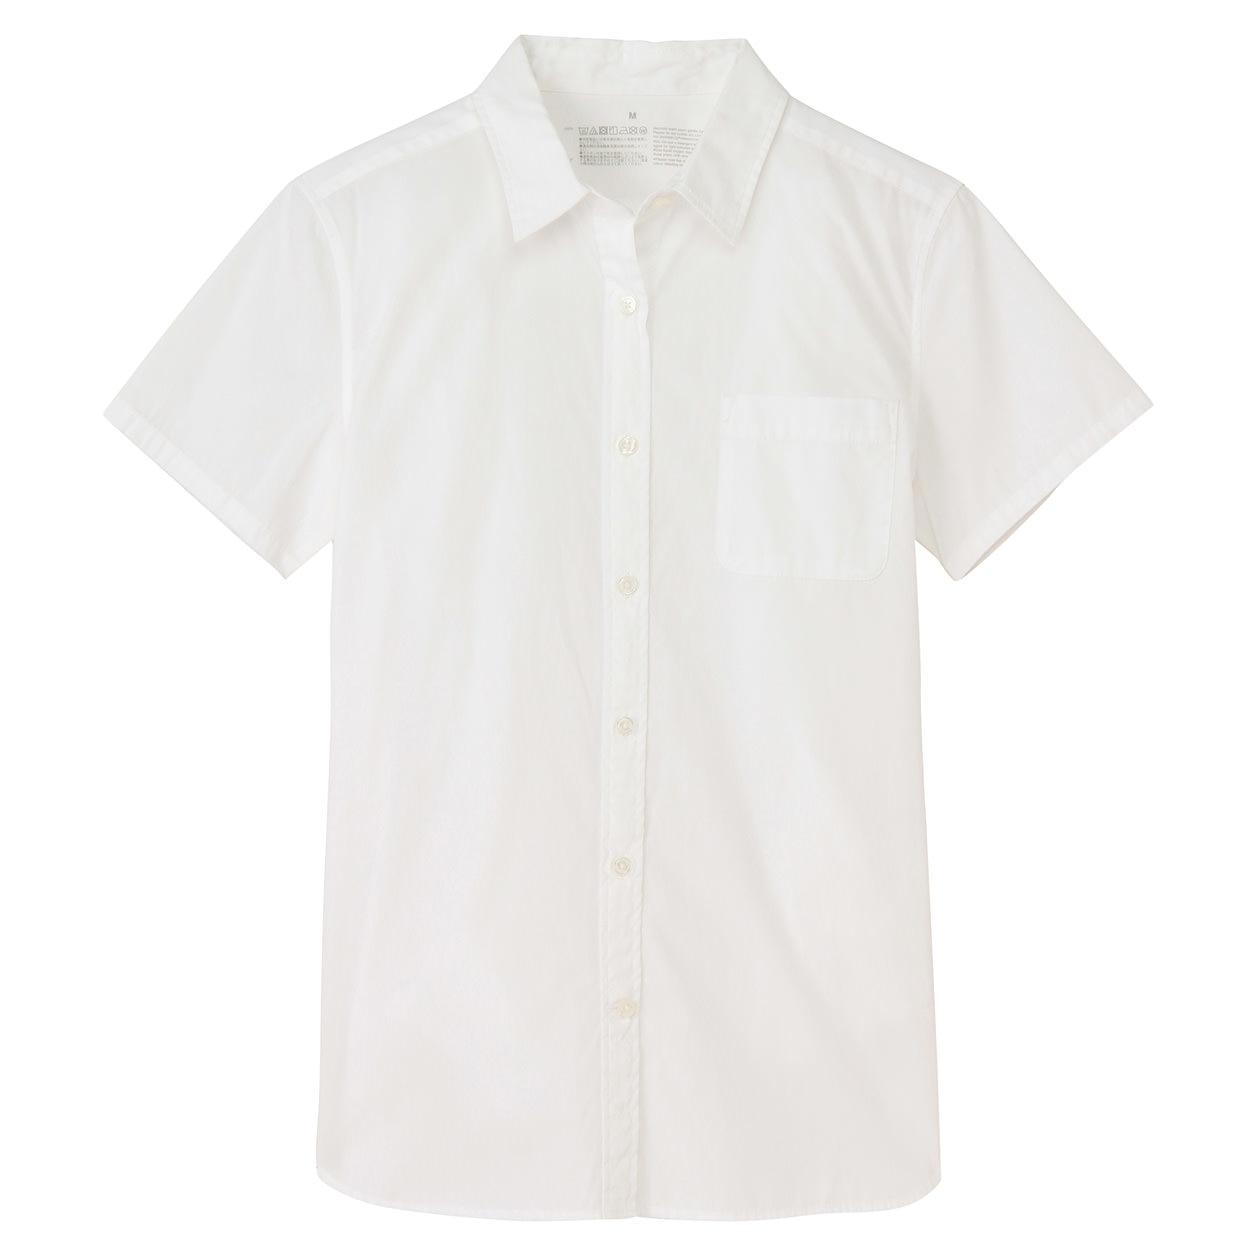 オーガニックコットン洗いざらしブロード半袖シャツ